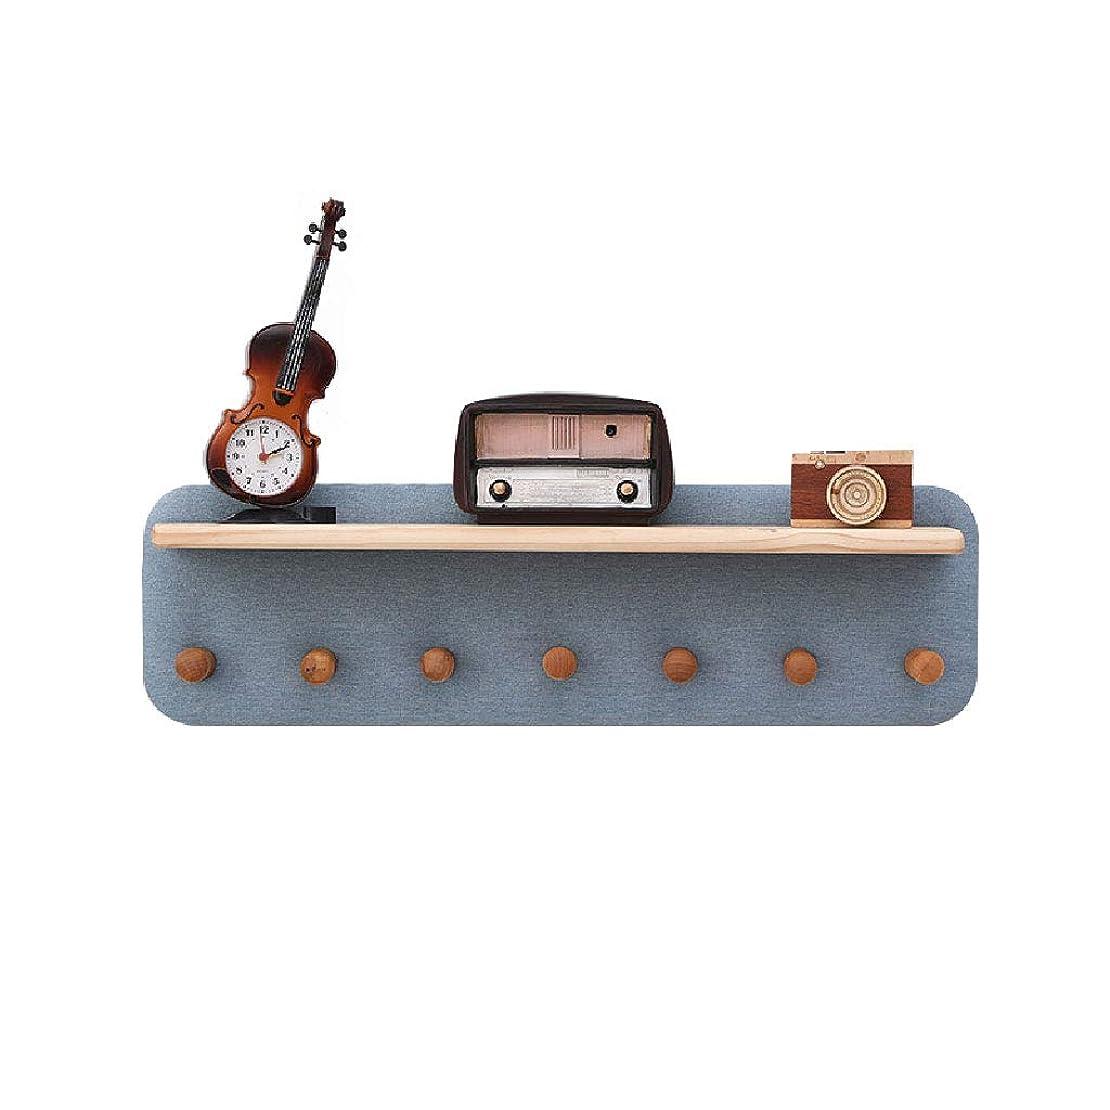 オーケストラ申請中住むウォールハンガー ソリッドウッドコートラックフックアップ壁掛けクリエイティブエントランスベッドルームハンガーシェルフ7フック25 * 70cm LXQGR (Color : Blue)